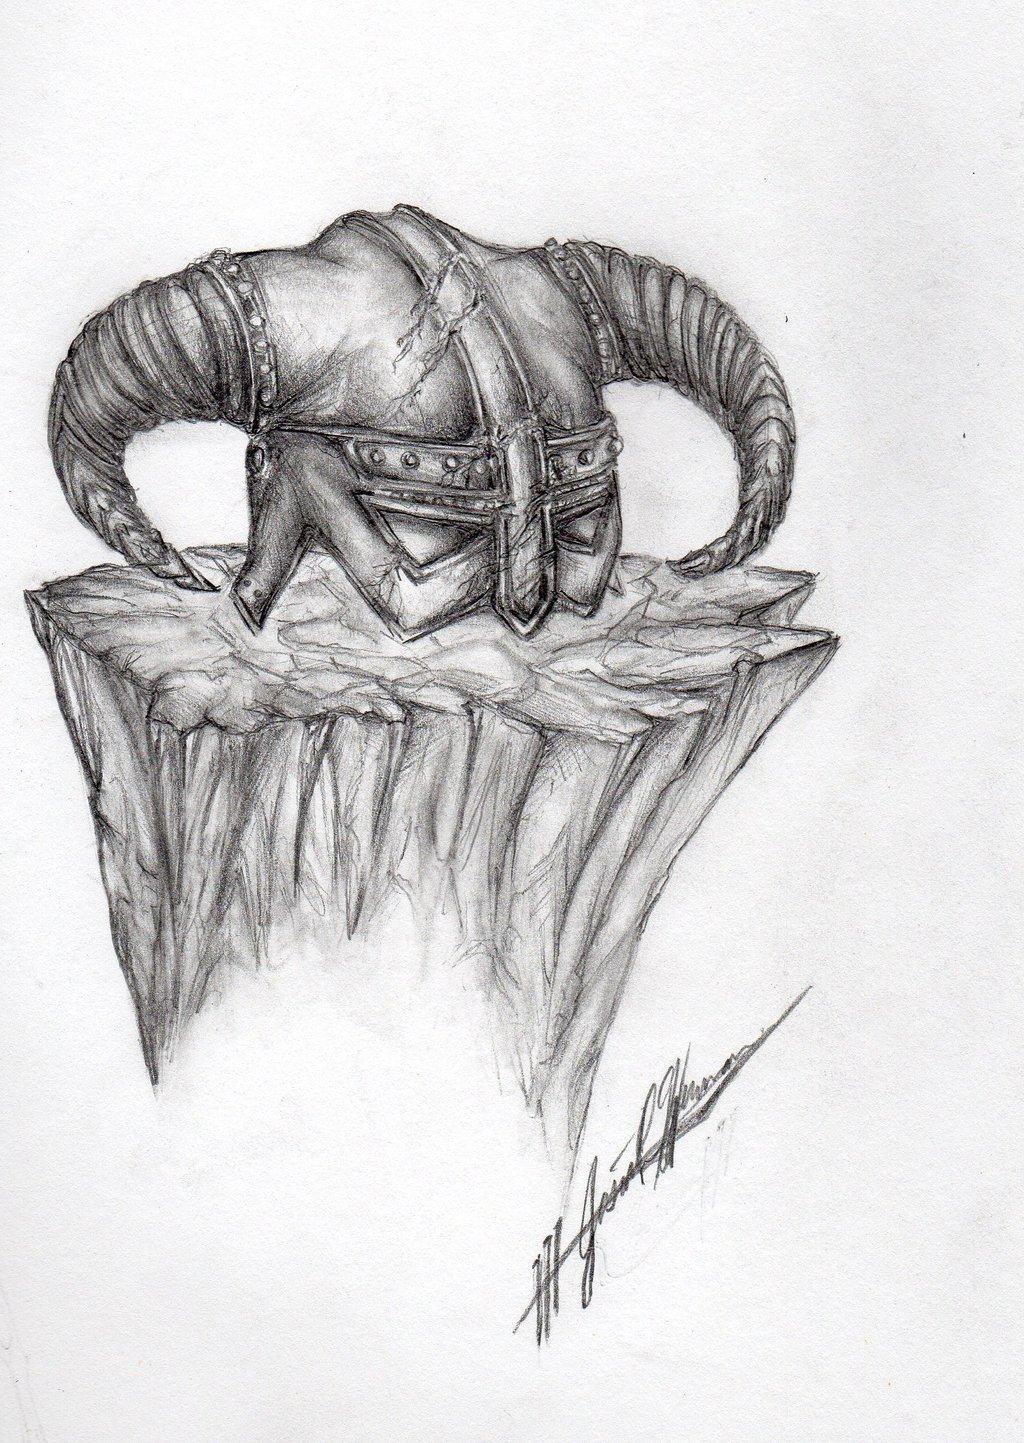 Drawn symbol Dovahkiin josiahherman josiahherman josiahherman on